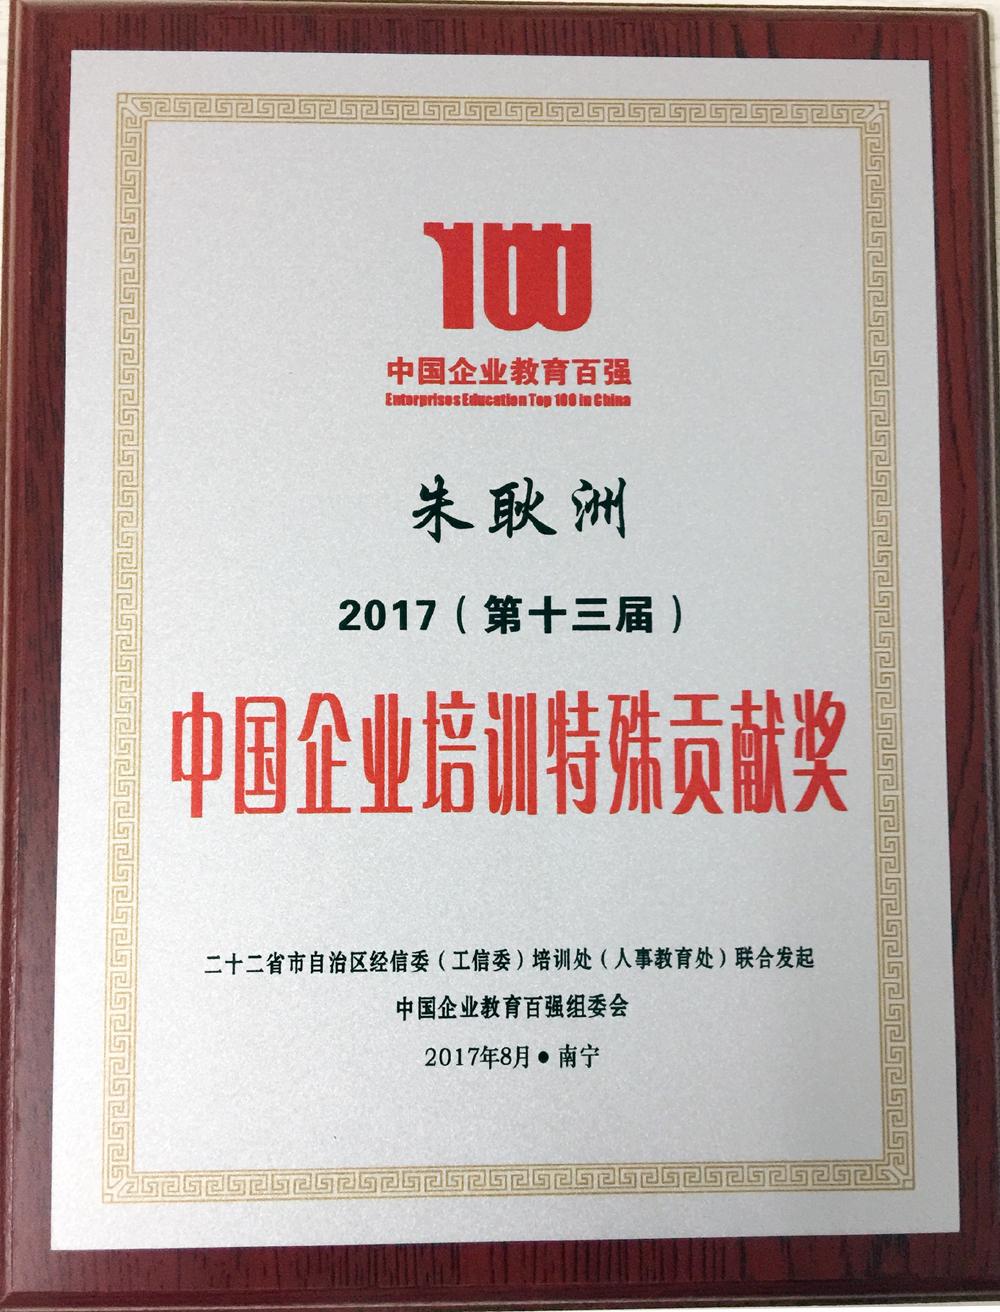 2017中国企业培训特殊贡献奖荣誉证书